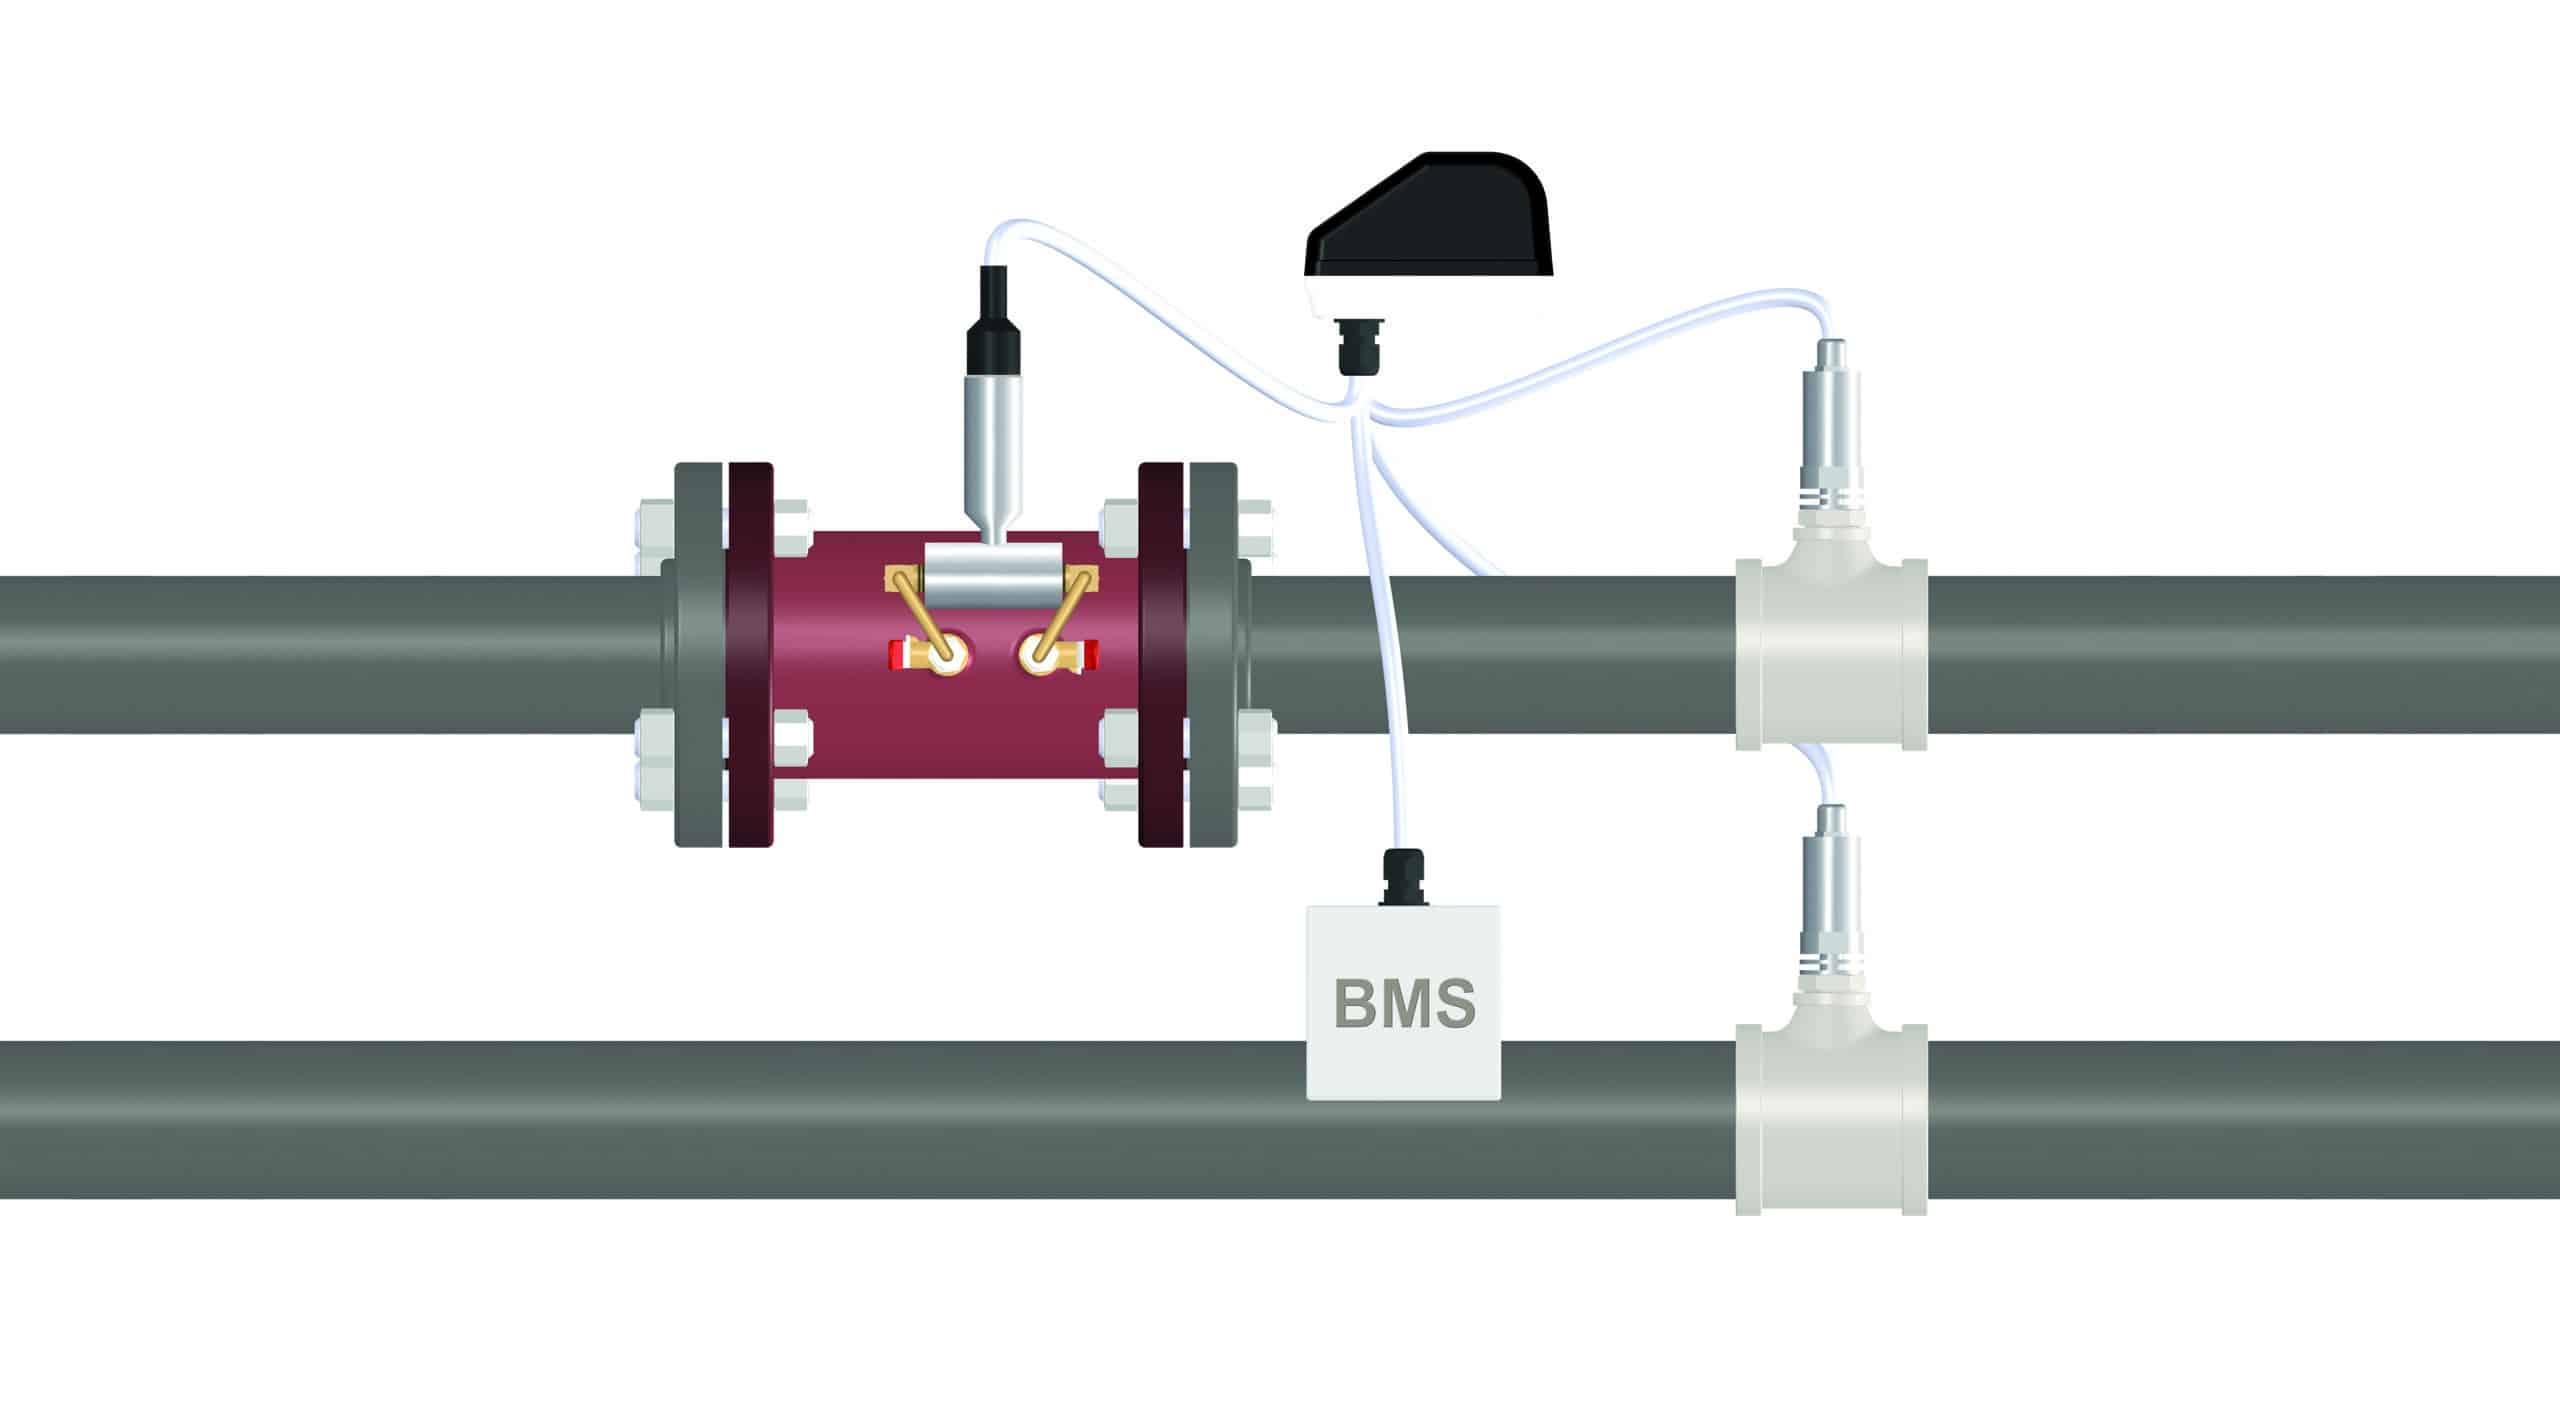 FlowCon Intelligent Meter